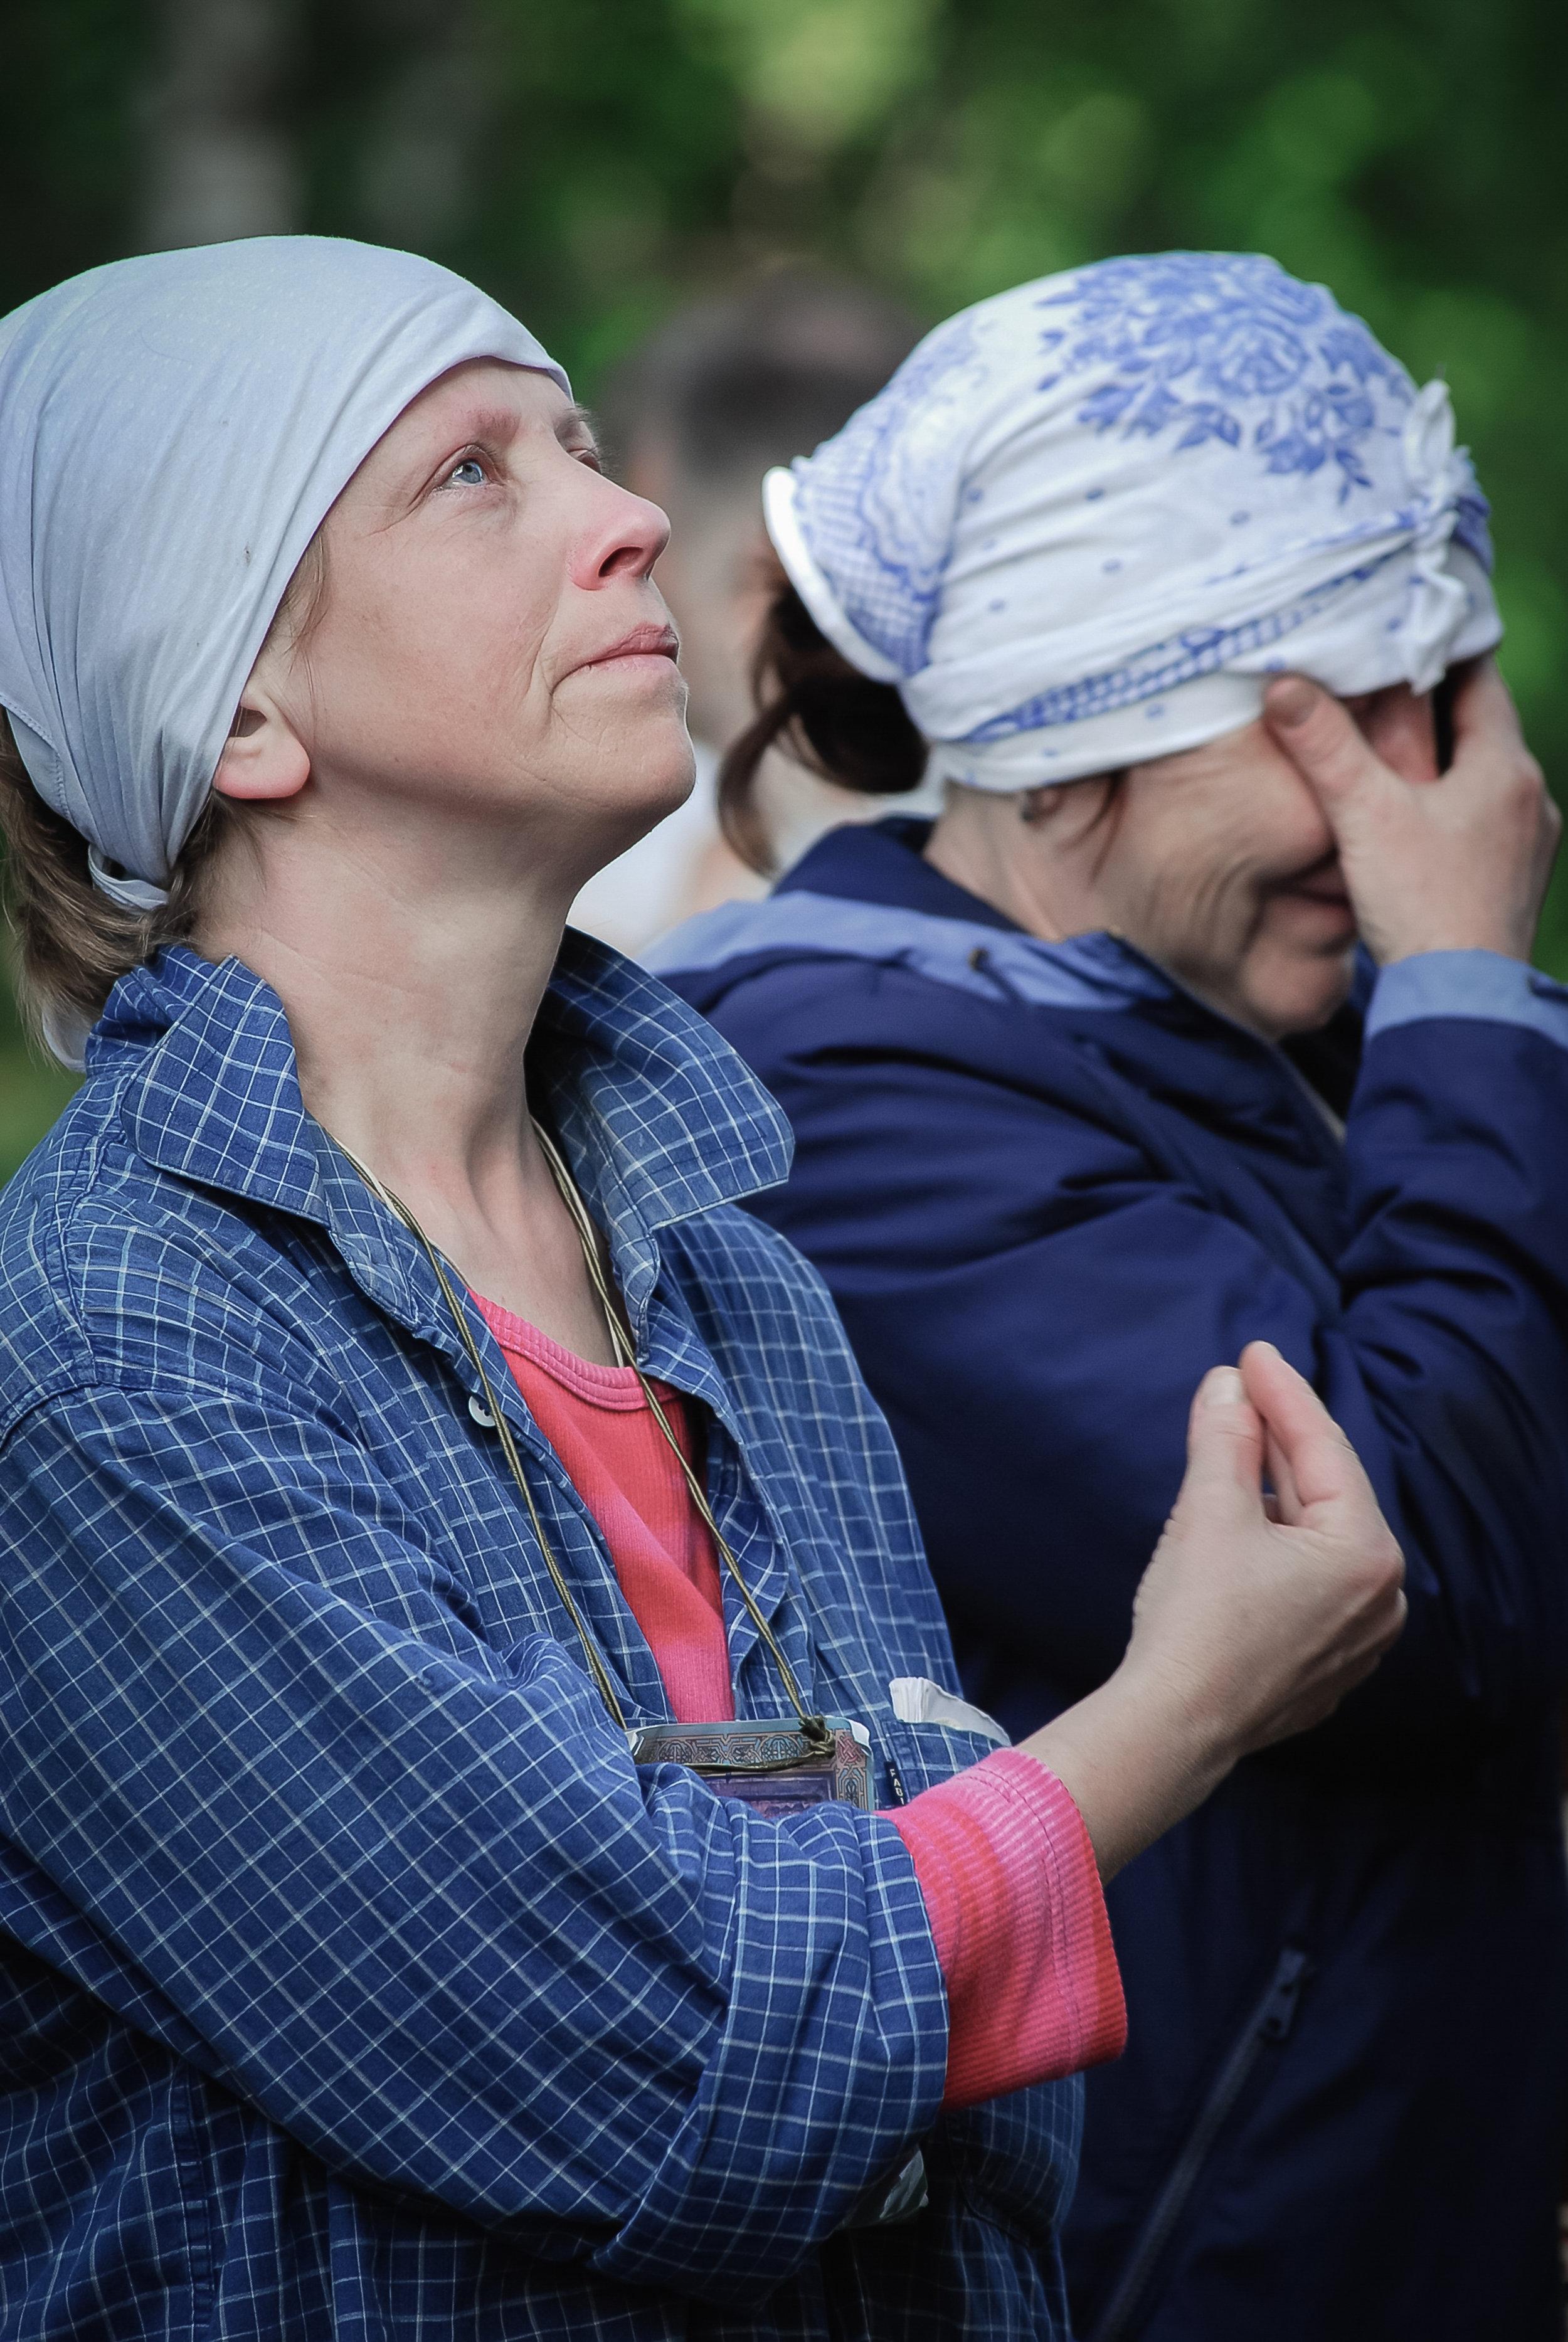 Pilgrims praying before a damaged fresco of the Mother of God, Kirov region, June 2010